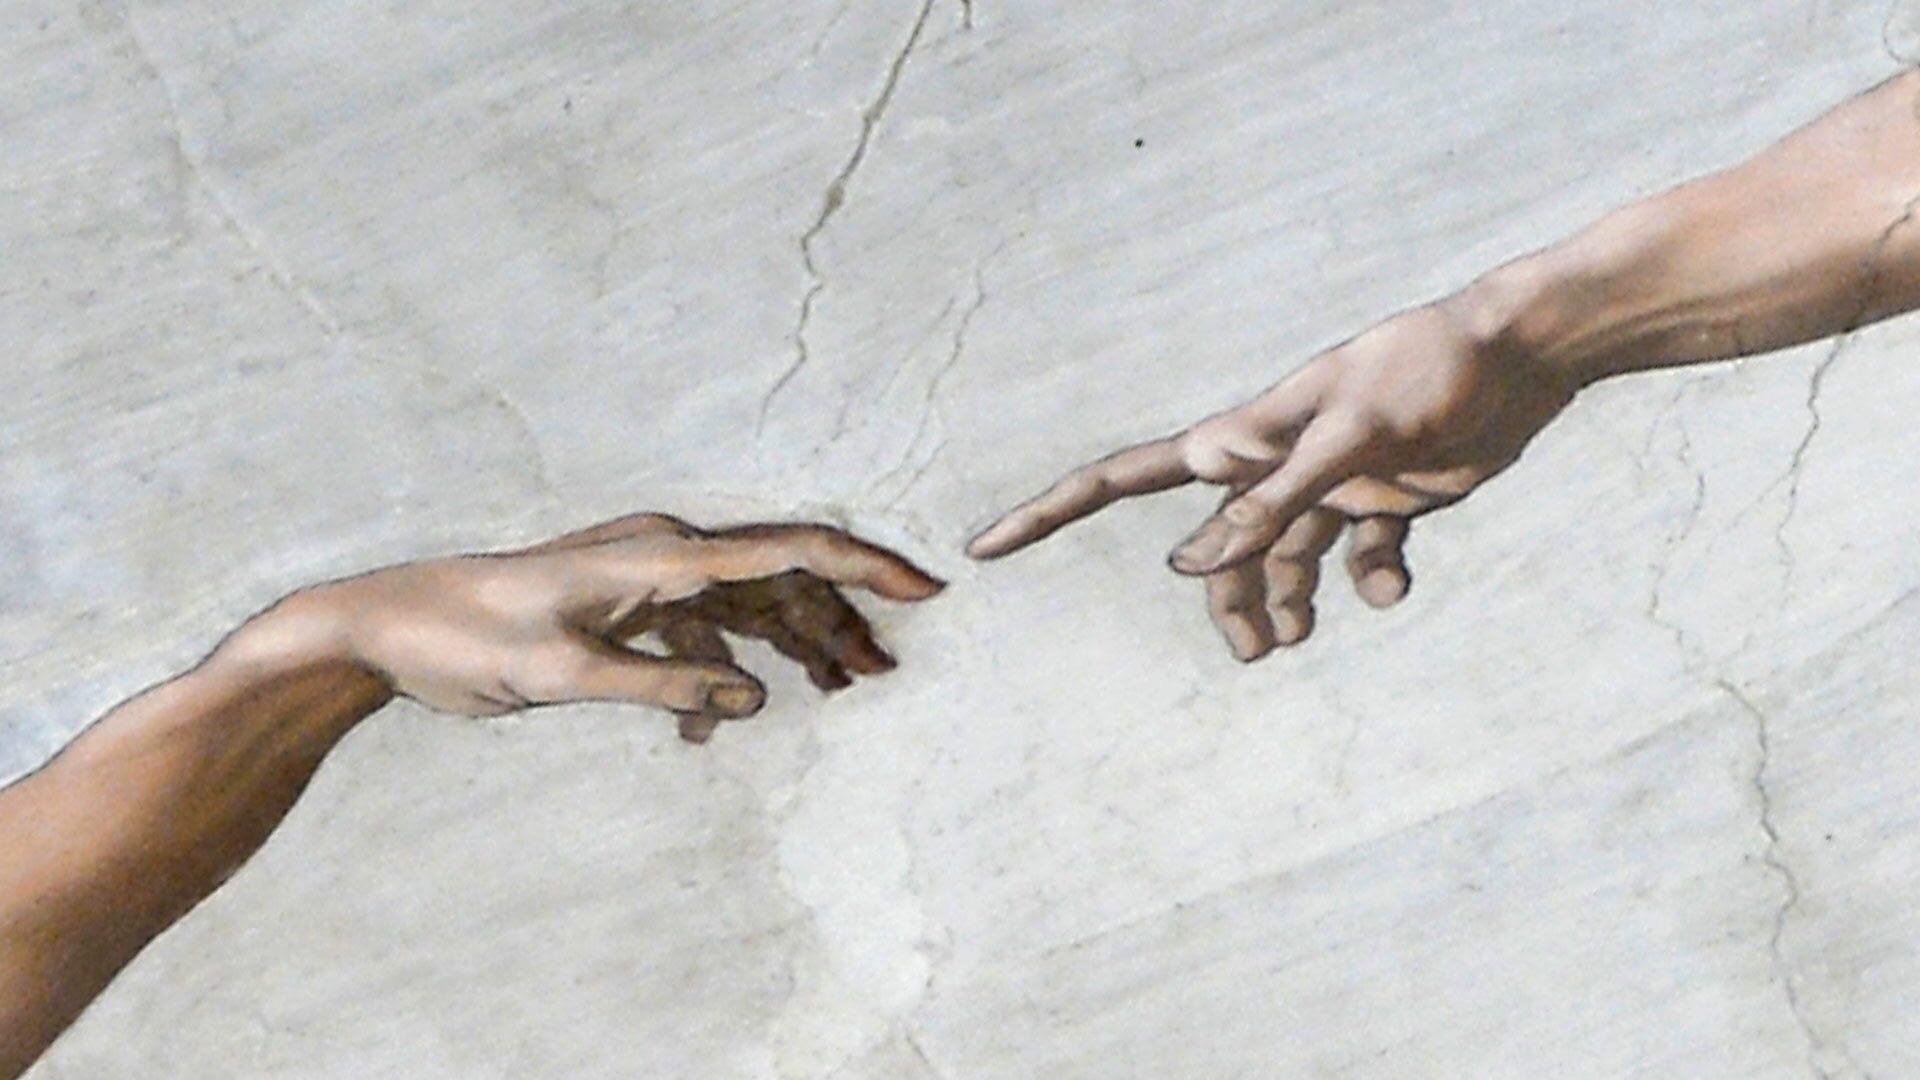 намекнуть руки тянутся друг к другу картинки без фона жалюзи станут